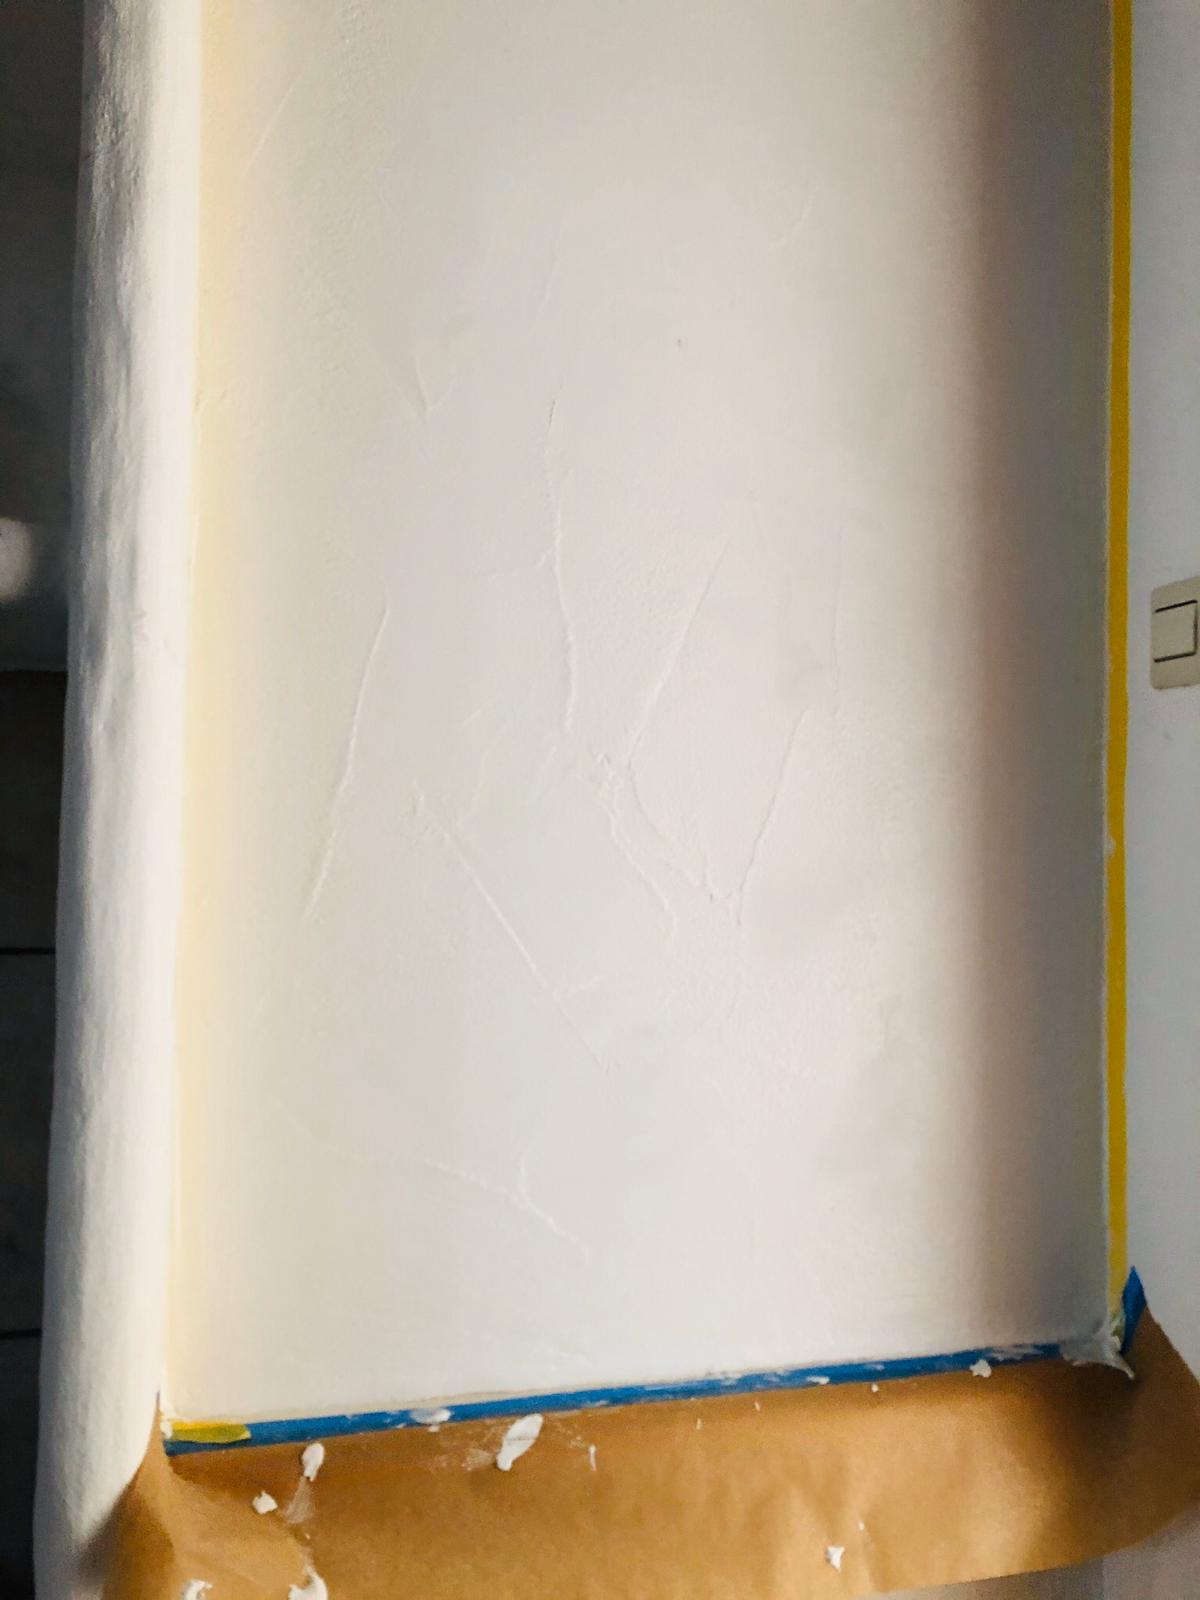 Neue Wand nach Anstrich und Renovierung vom Maler Kundenprojekte 2019